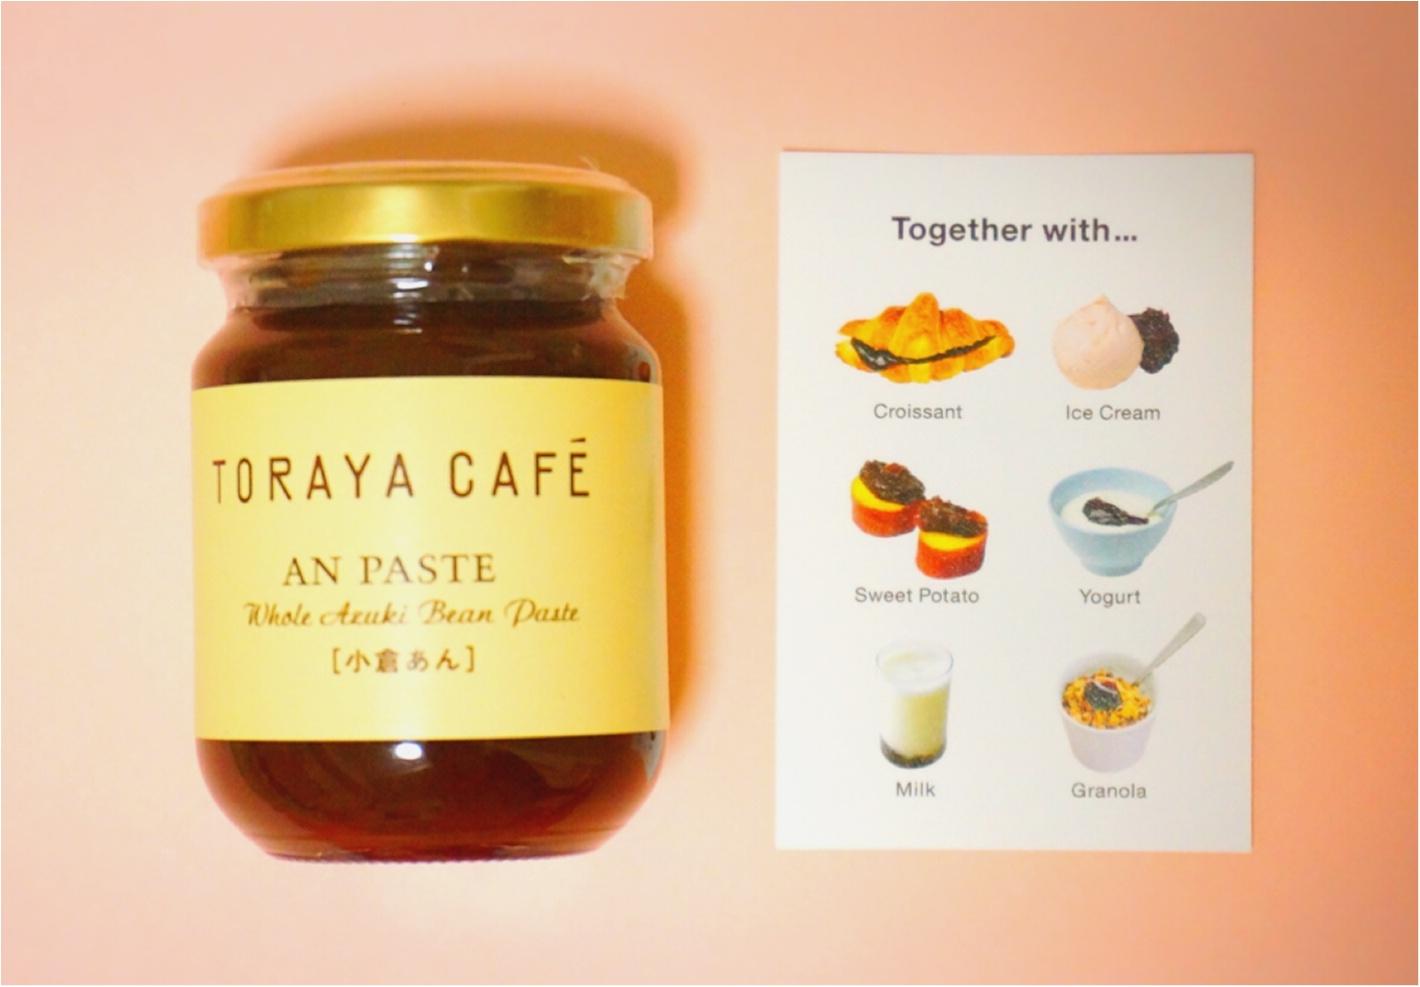 年末年始の手土産にも❤️️【TORAYA CAFE】でしか買えない《新感覚ジャム》がおいしすぎるっ_6